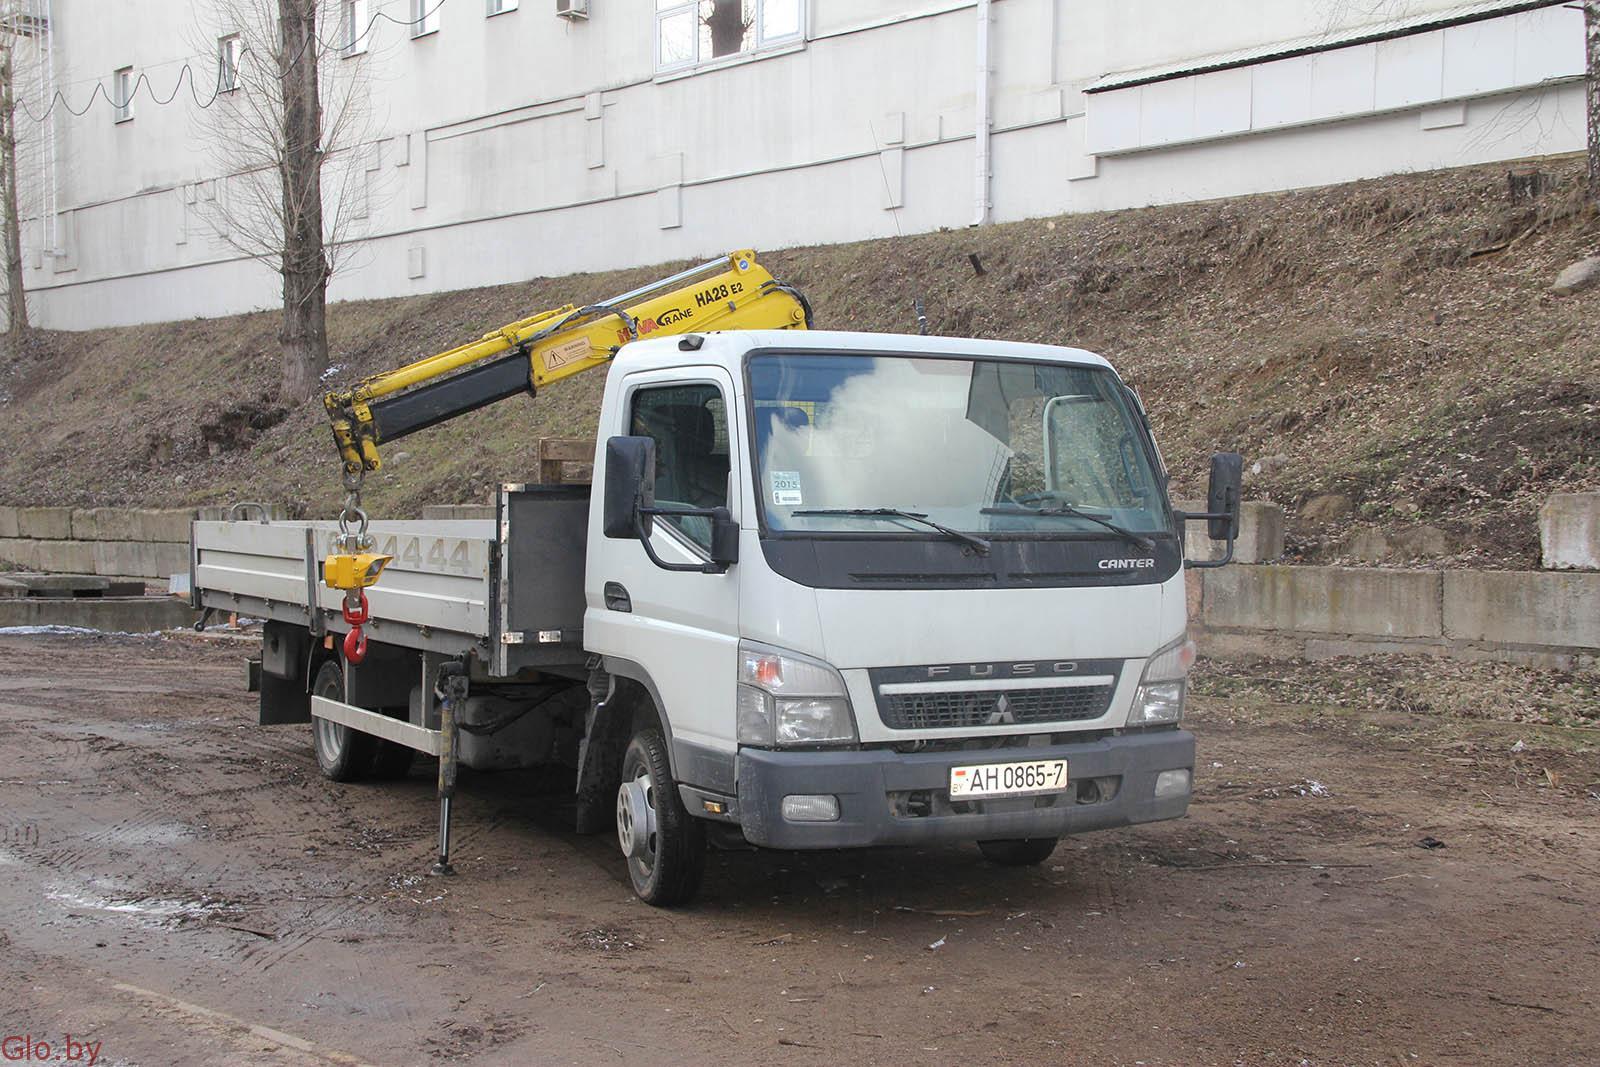 Грузоперевозки Минск РБ. Авто с манипулятором. До 3 тонн.